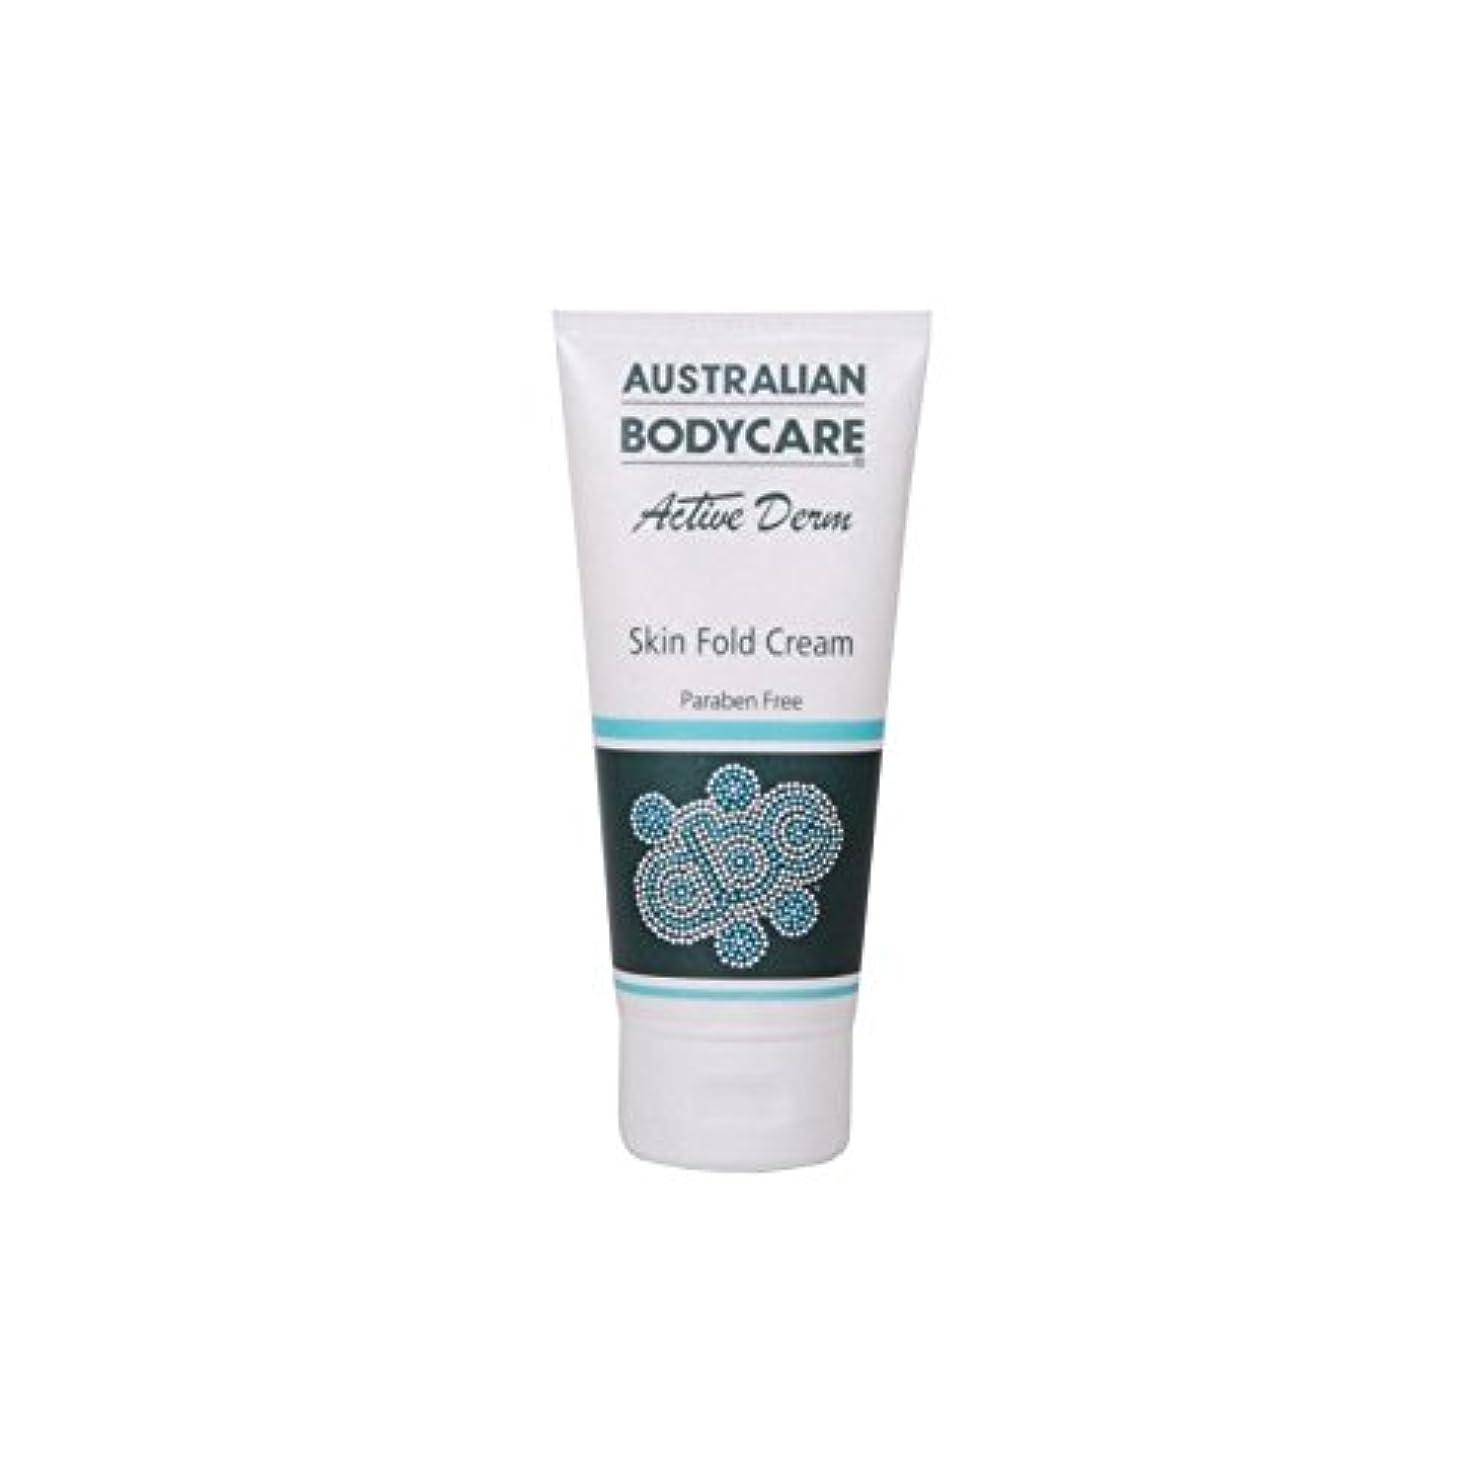 妻良性納得させるAustralian Bodycare Active Derm Skin Fold Cream (100ml) - オーストラリアのボディケアアクティブダーム皮膚のひだクリーム(100ミリリットル) [並行輸入品]